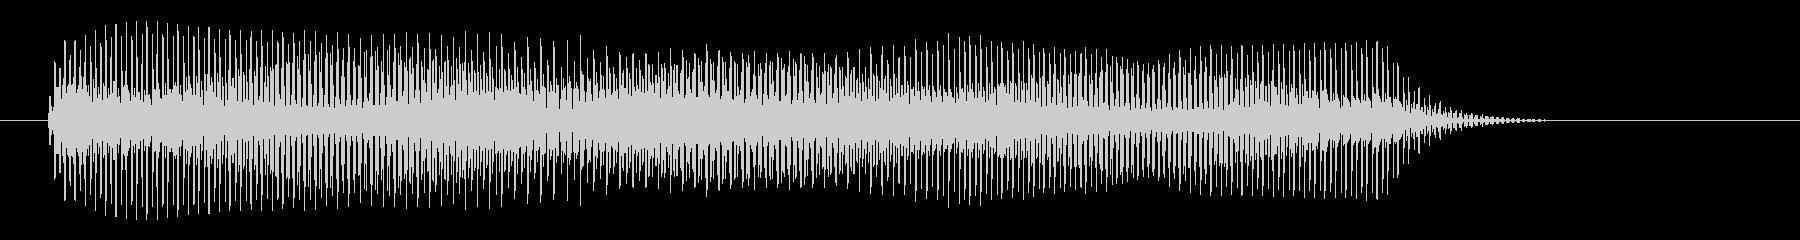 魔法攻撃_重力波の未再生の波形